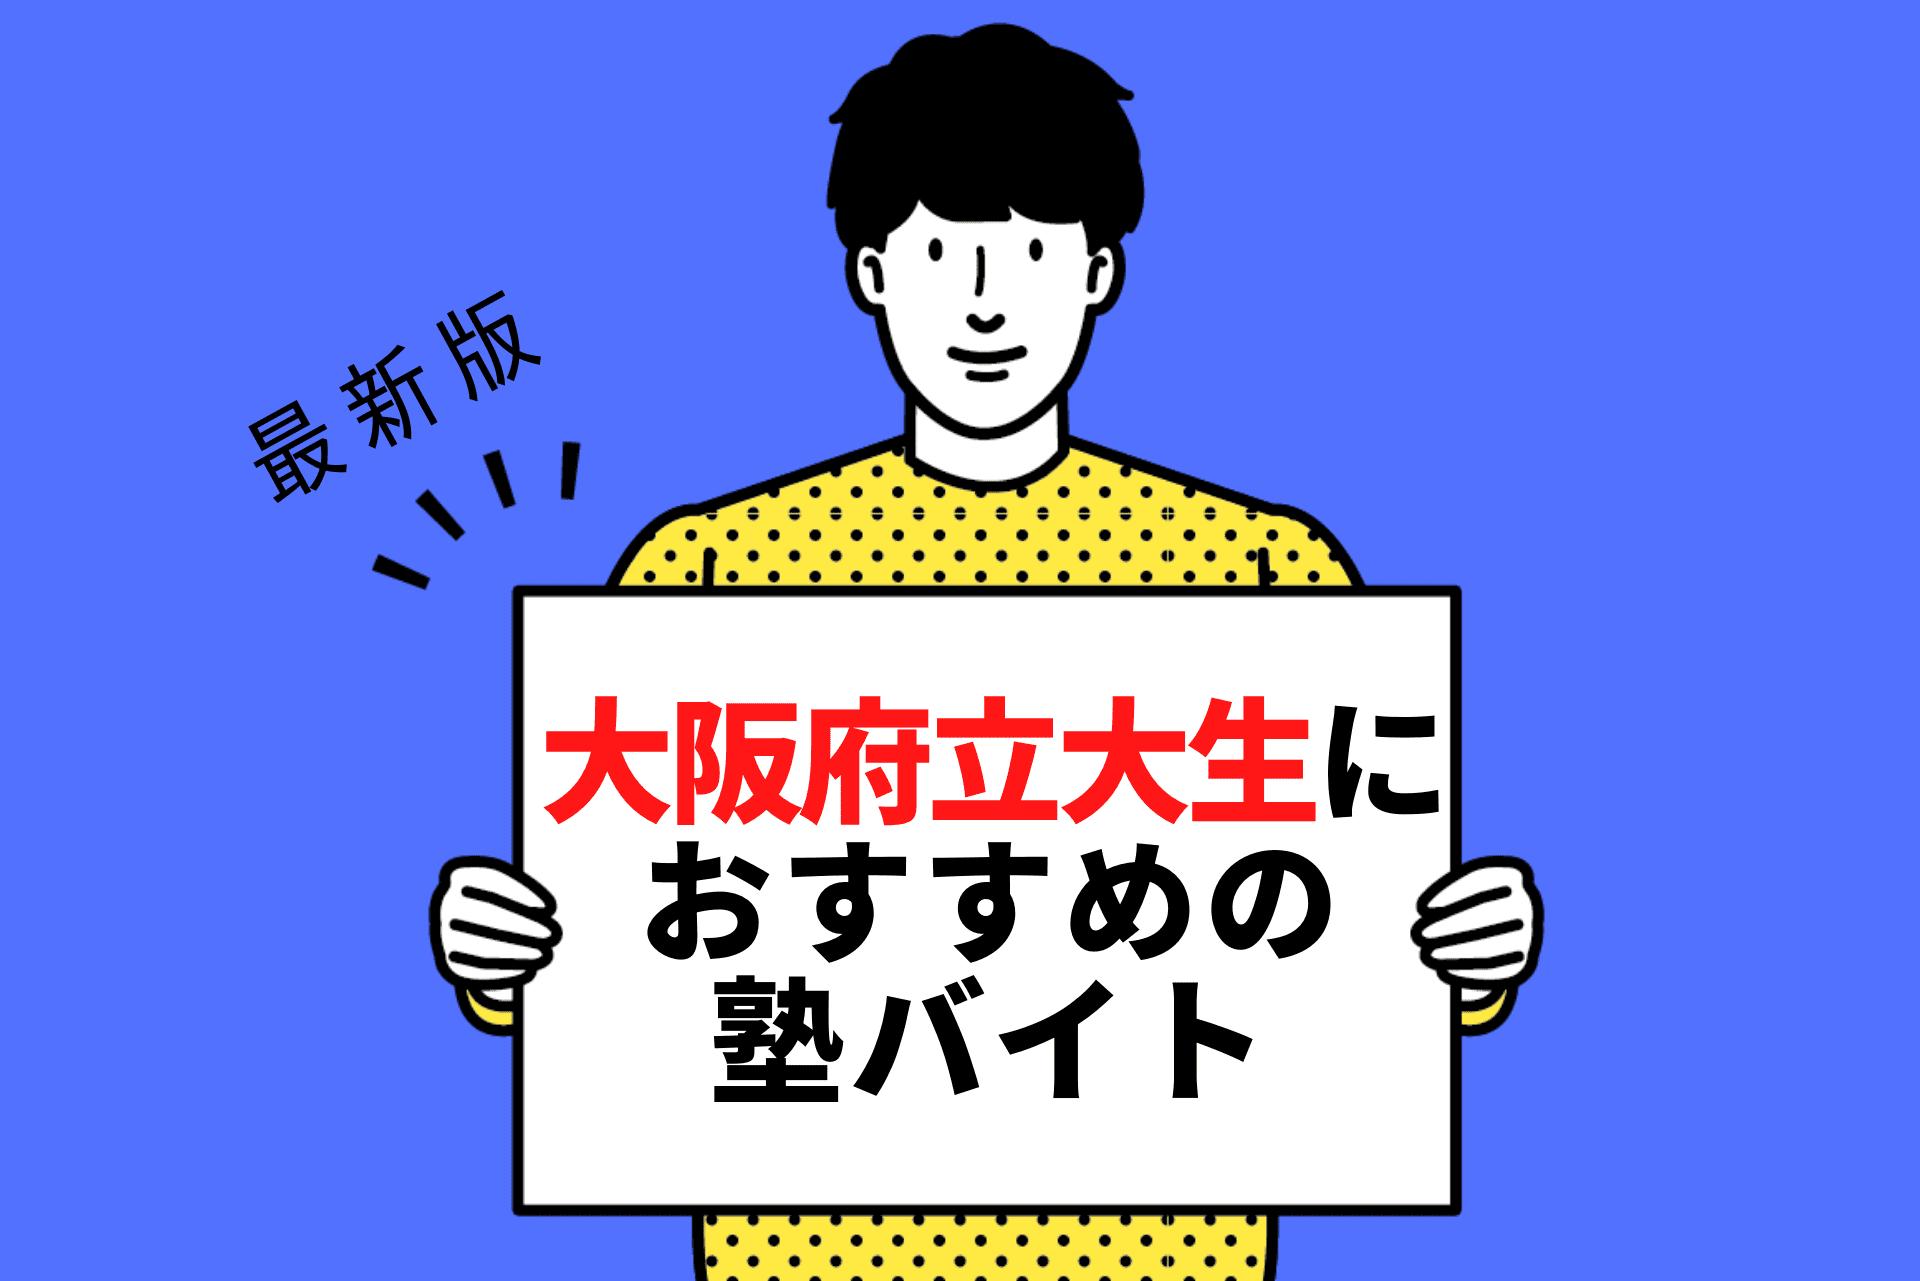 大阪府立大学生におすすめの塾